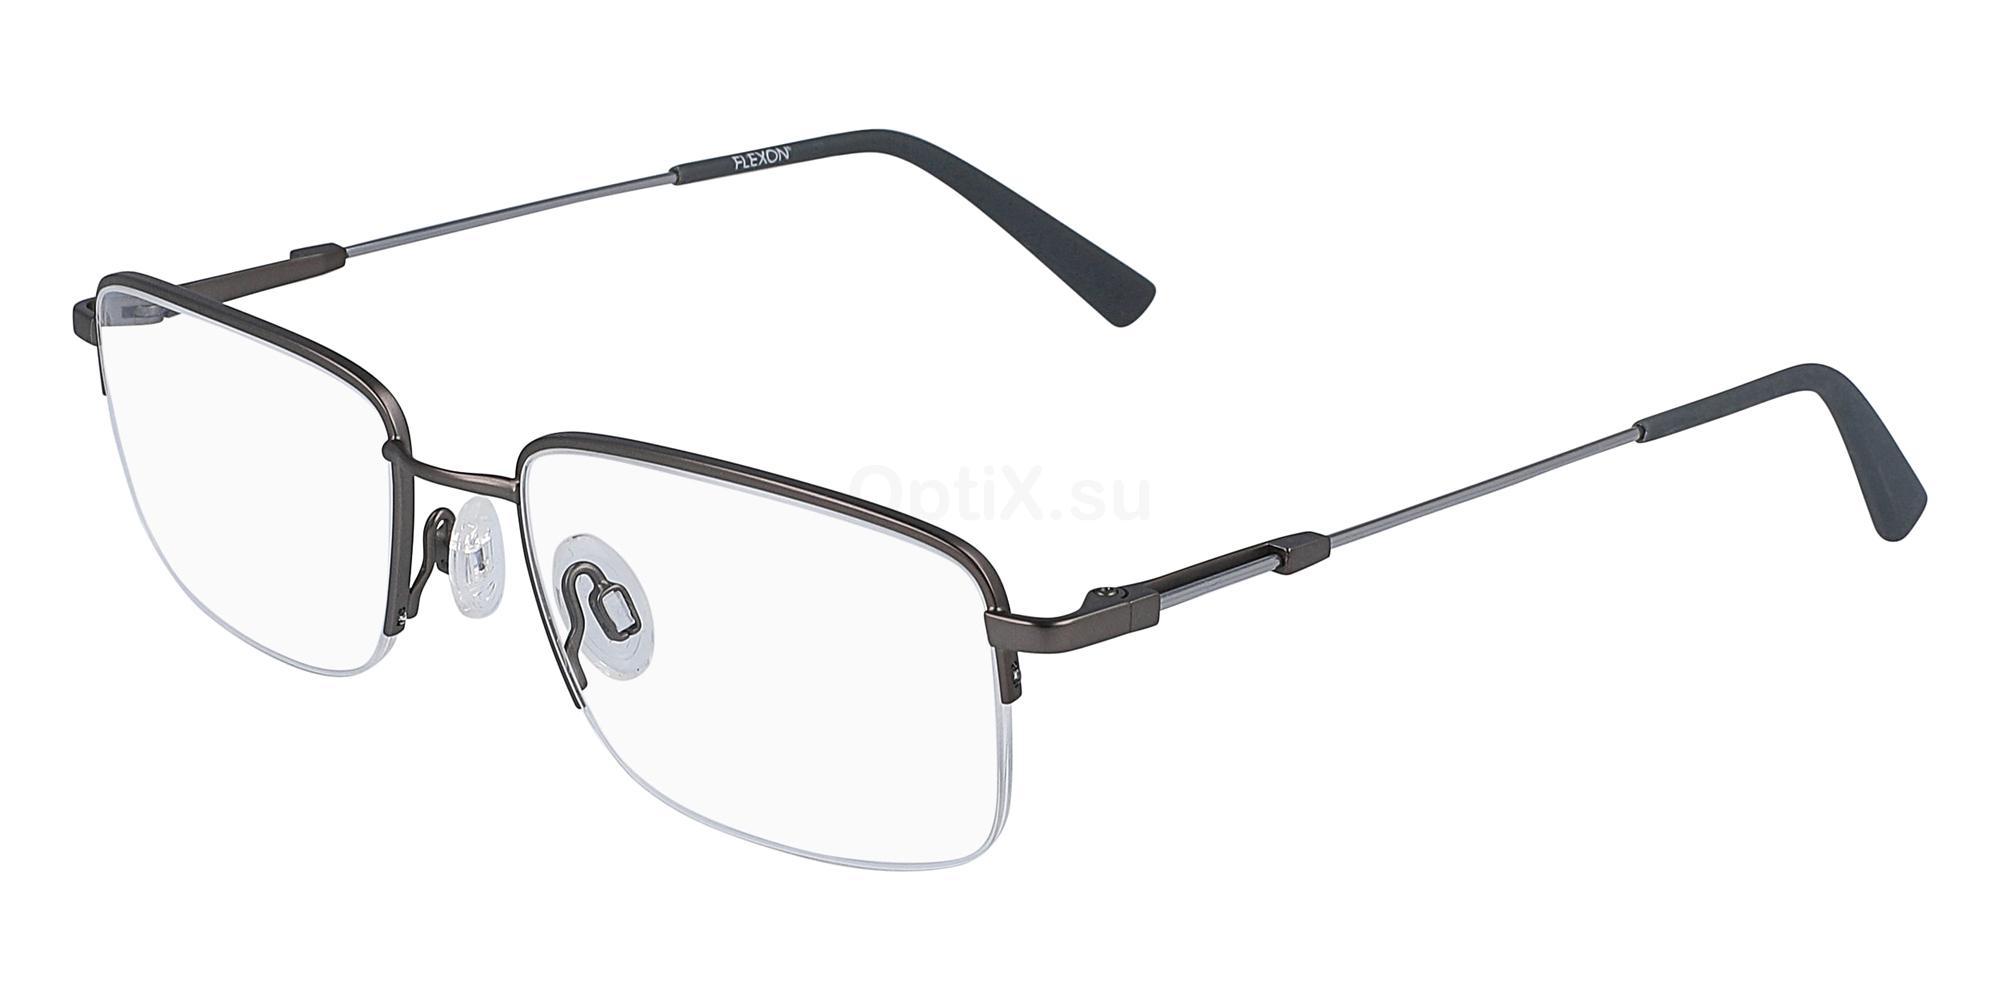 033 FLEXON H6003 Glasses, Flexon